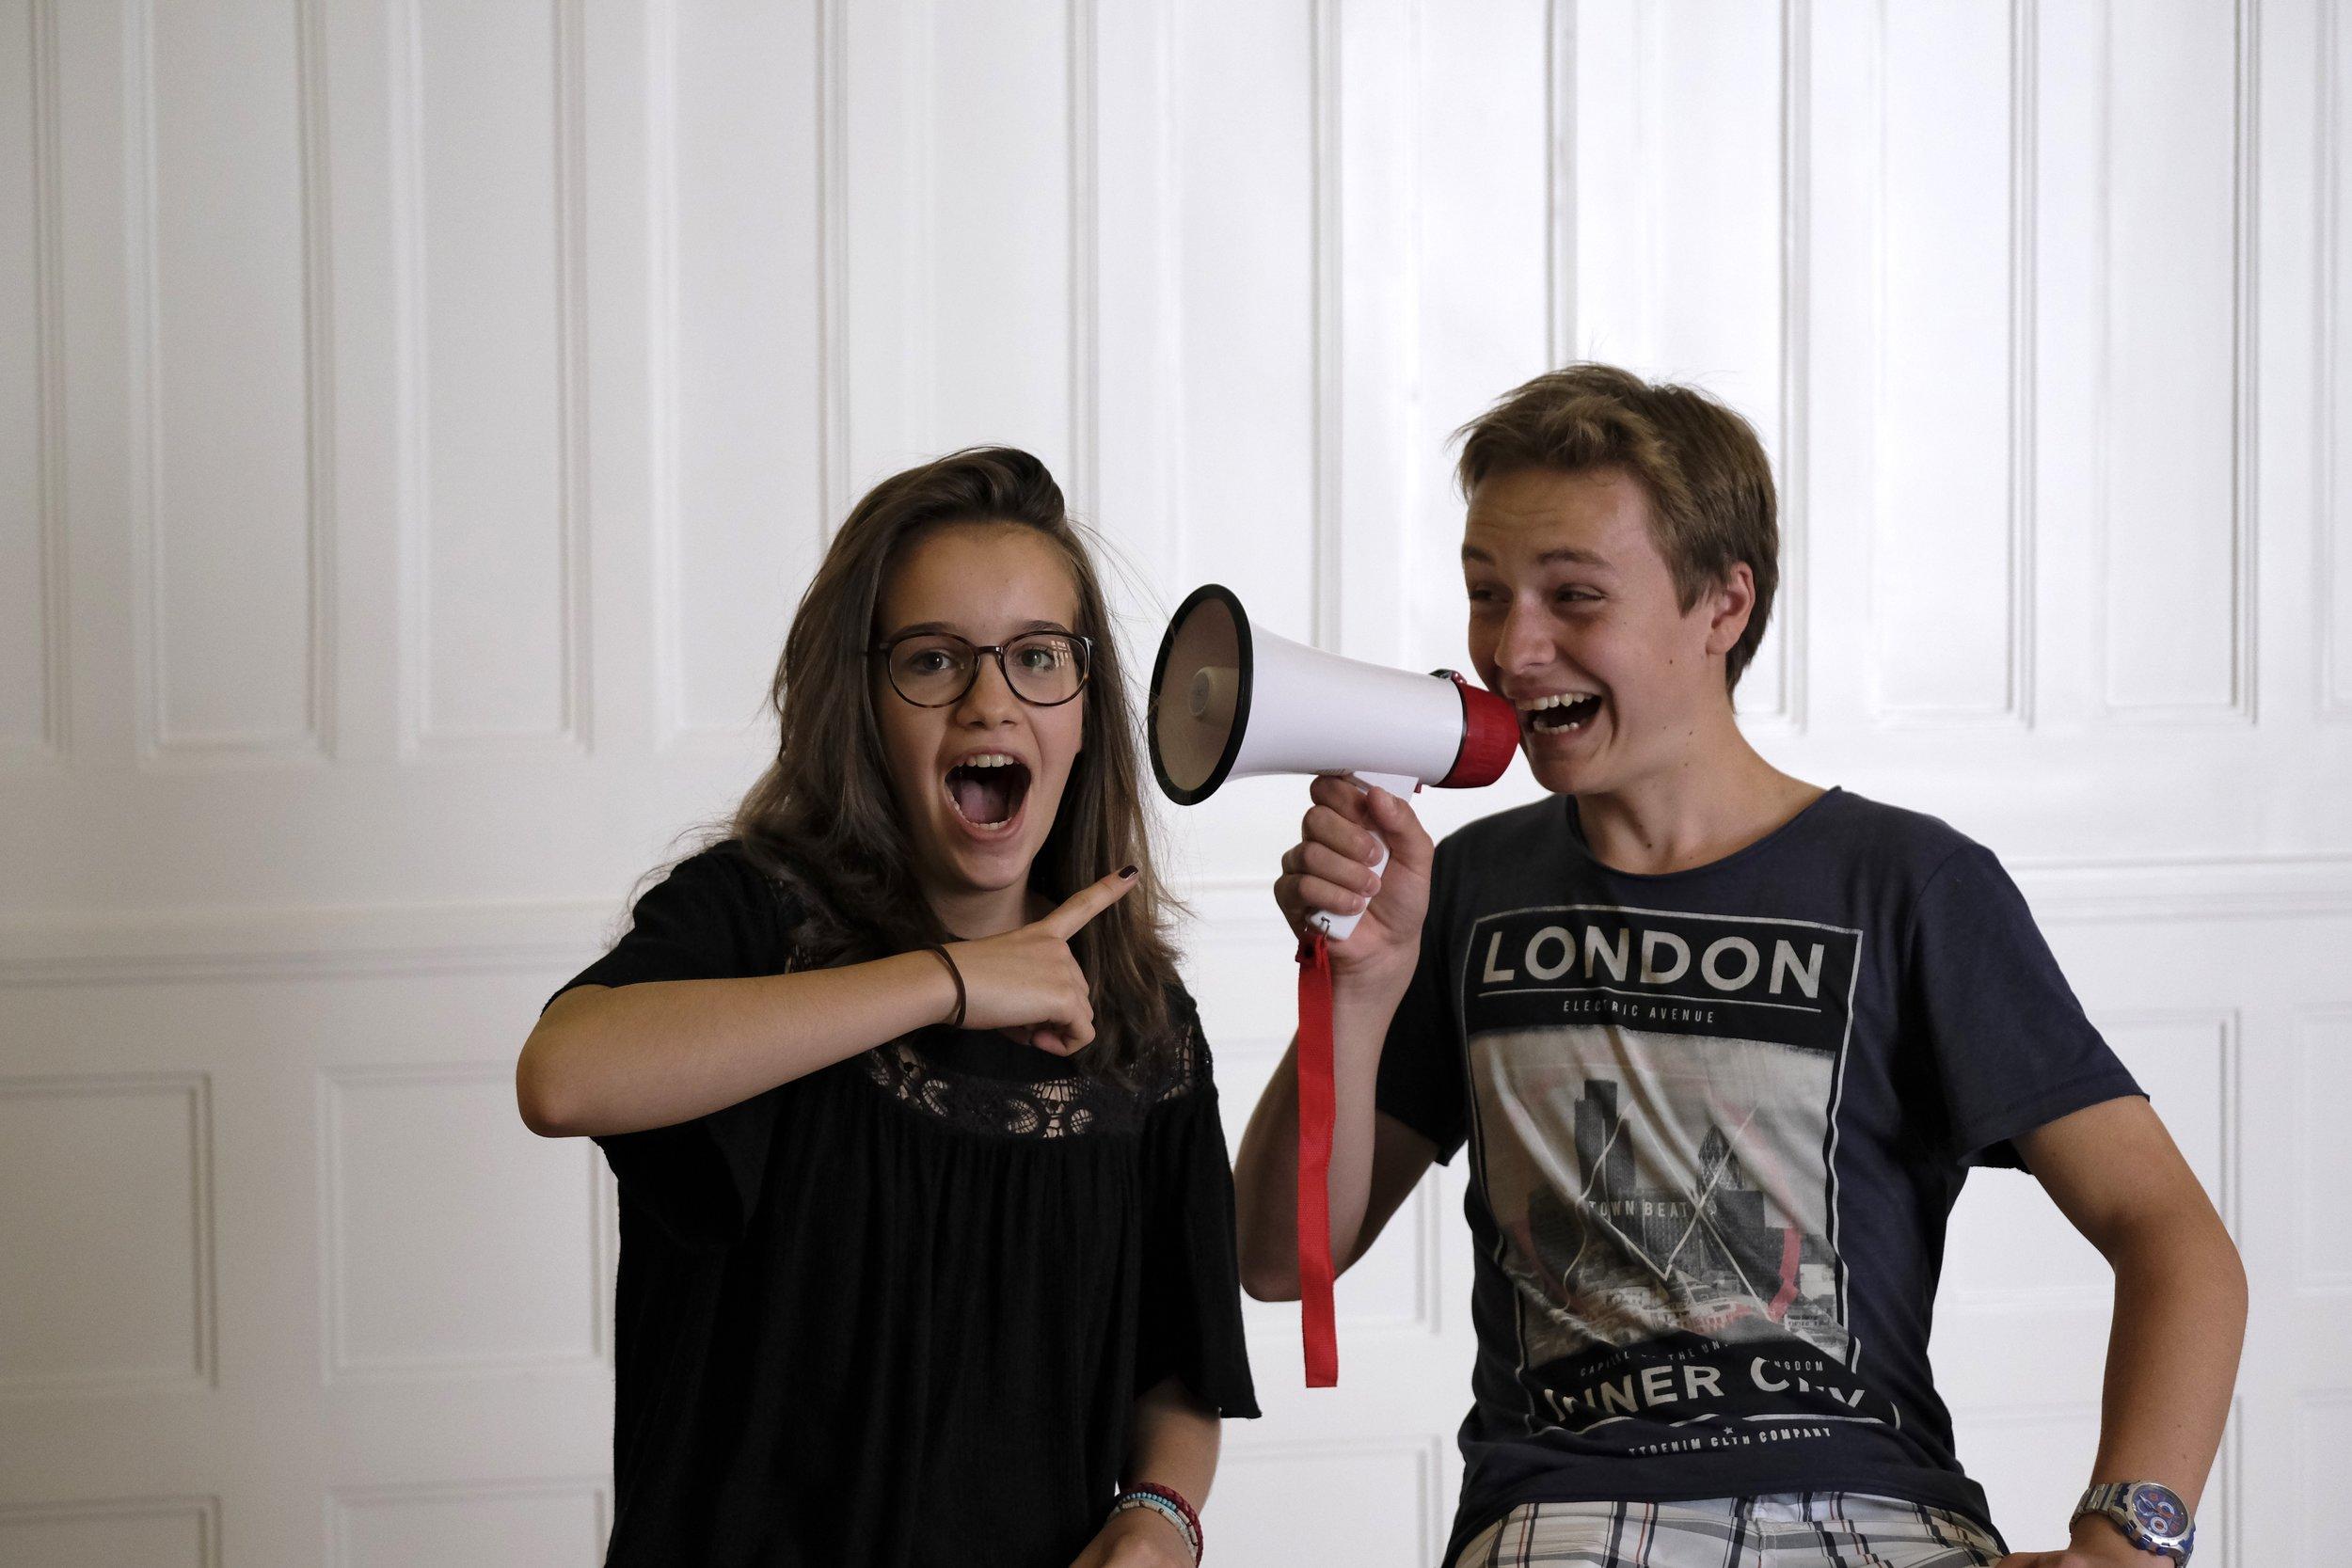 Bild vom CHILDREN Kinderbeirat (Partizipation): Ein Junge hat ein Megafon in der Hand, ein Mädchen zeigt auf ihn